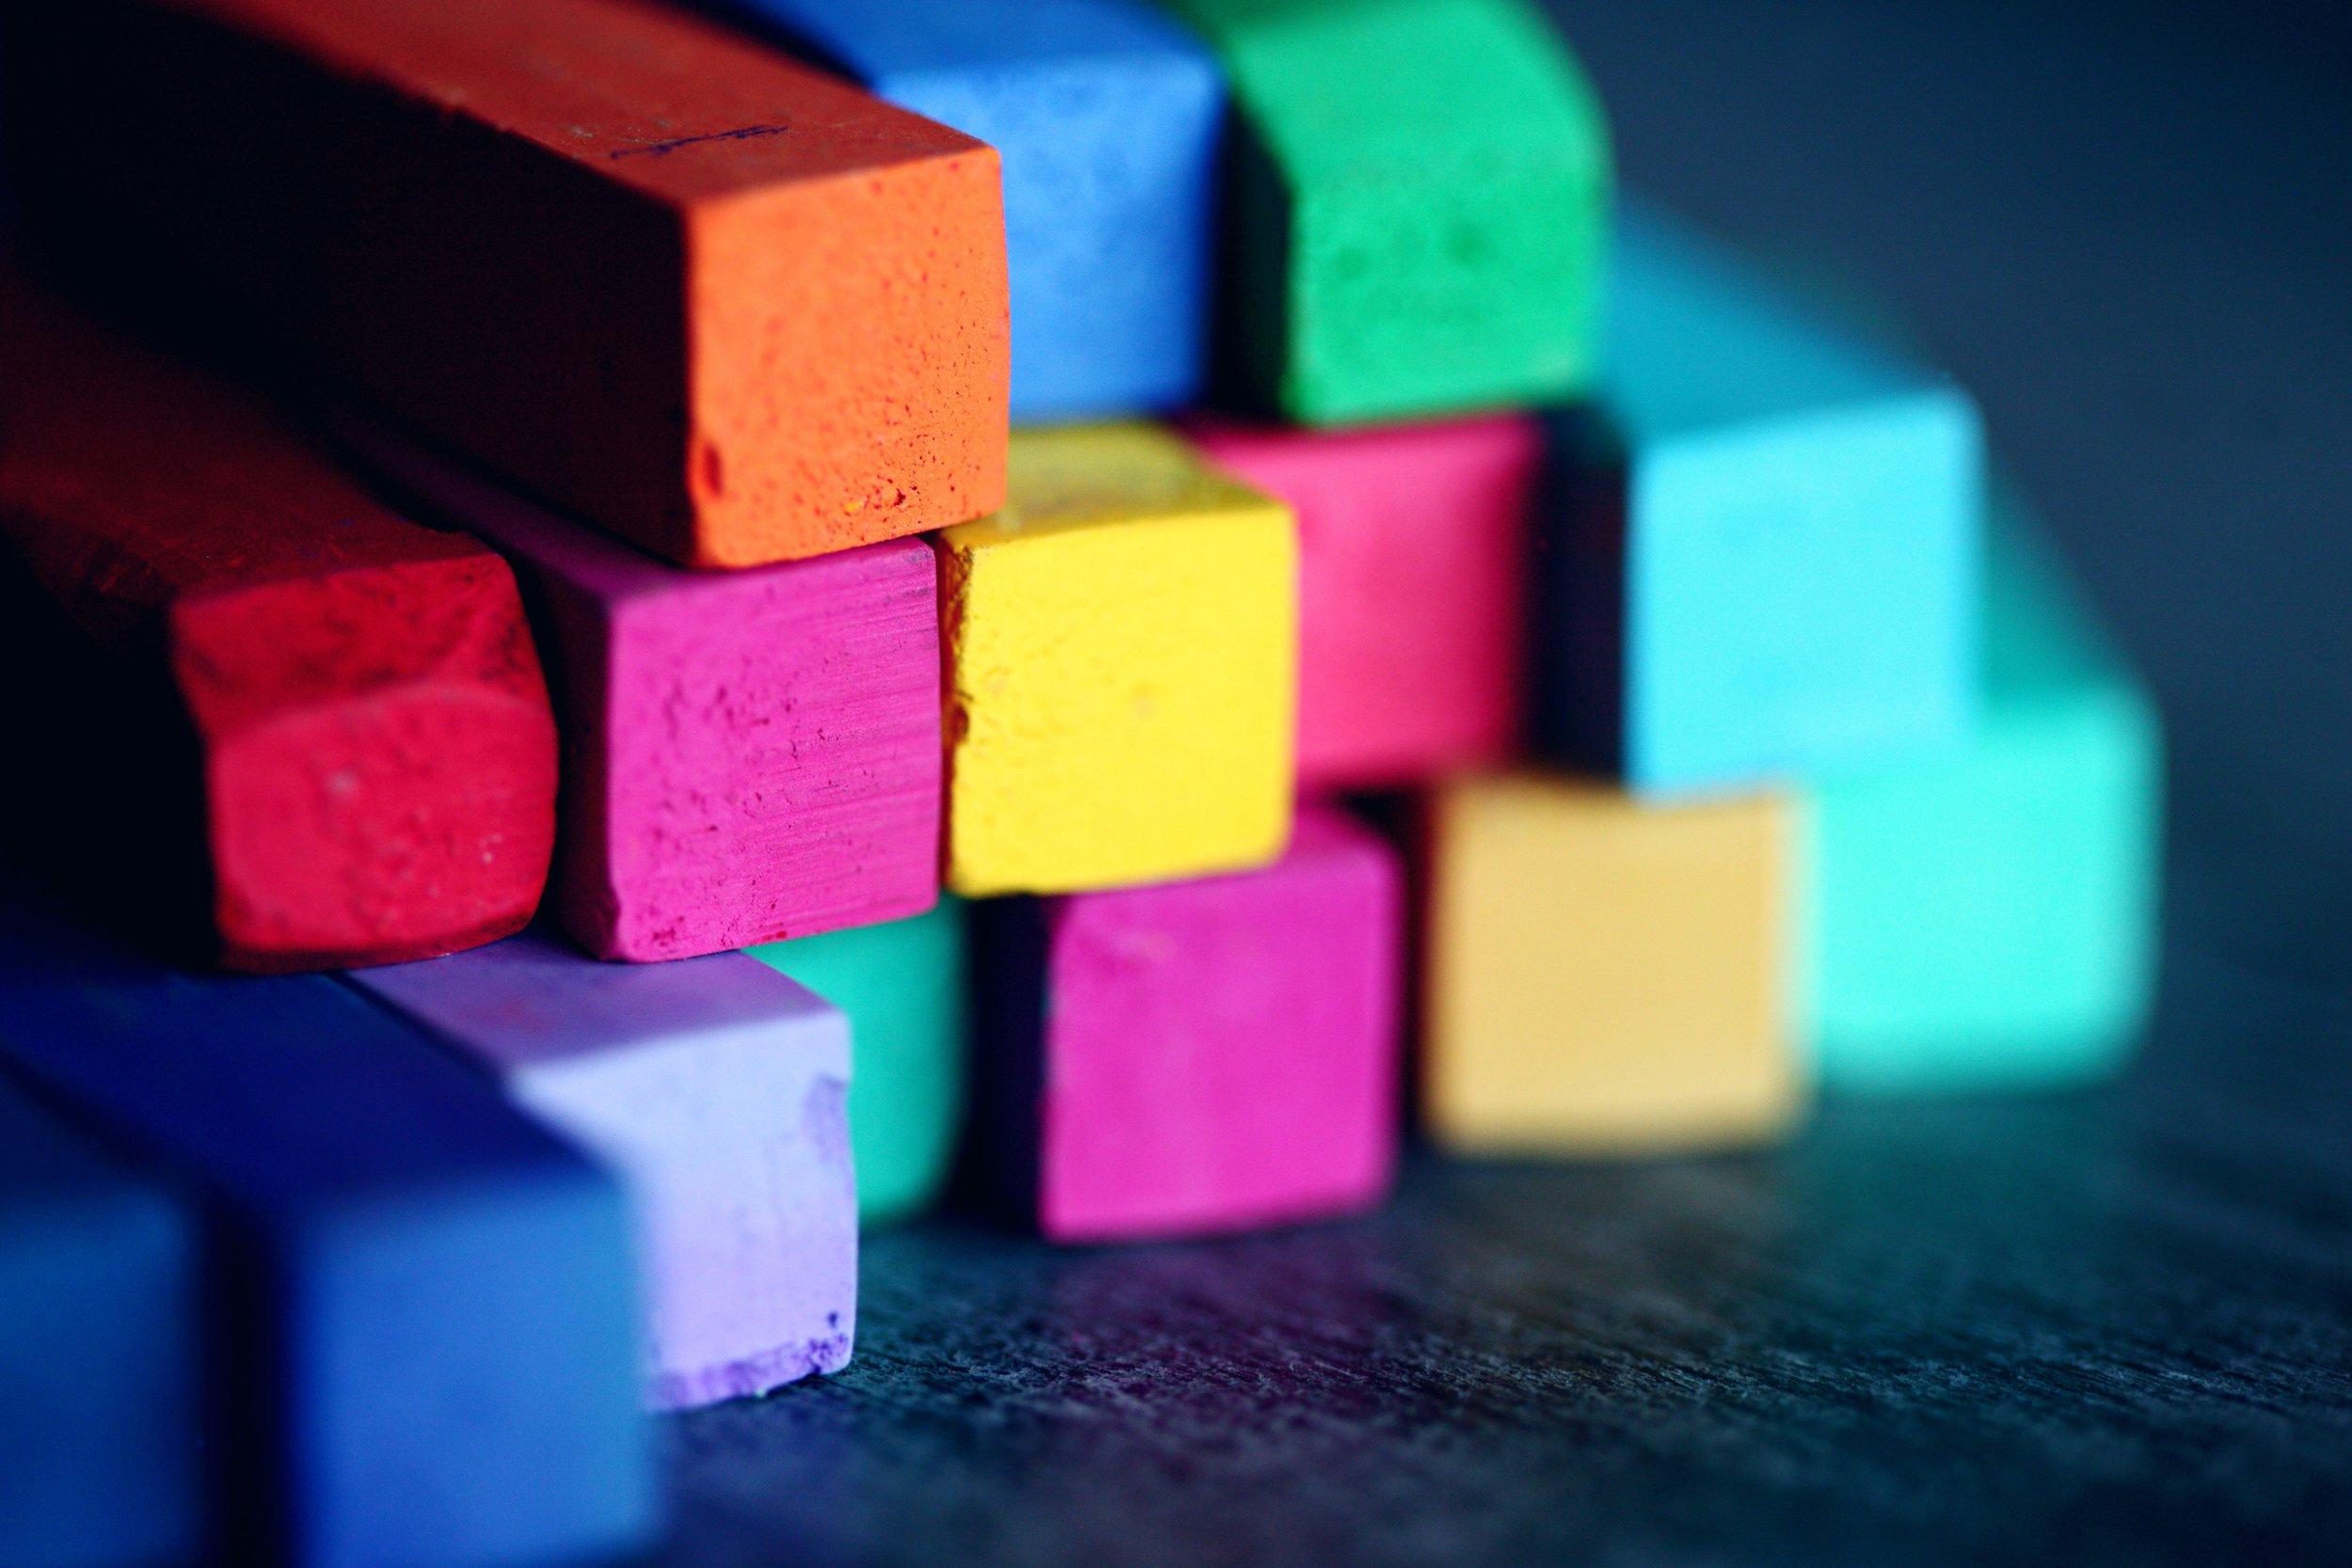 art-materials-art-supplies-blocks-1148496.jpg